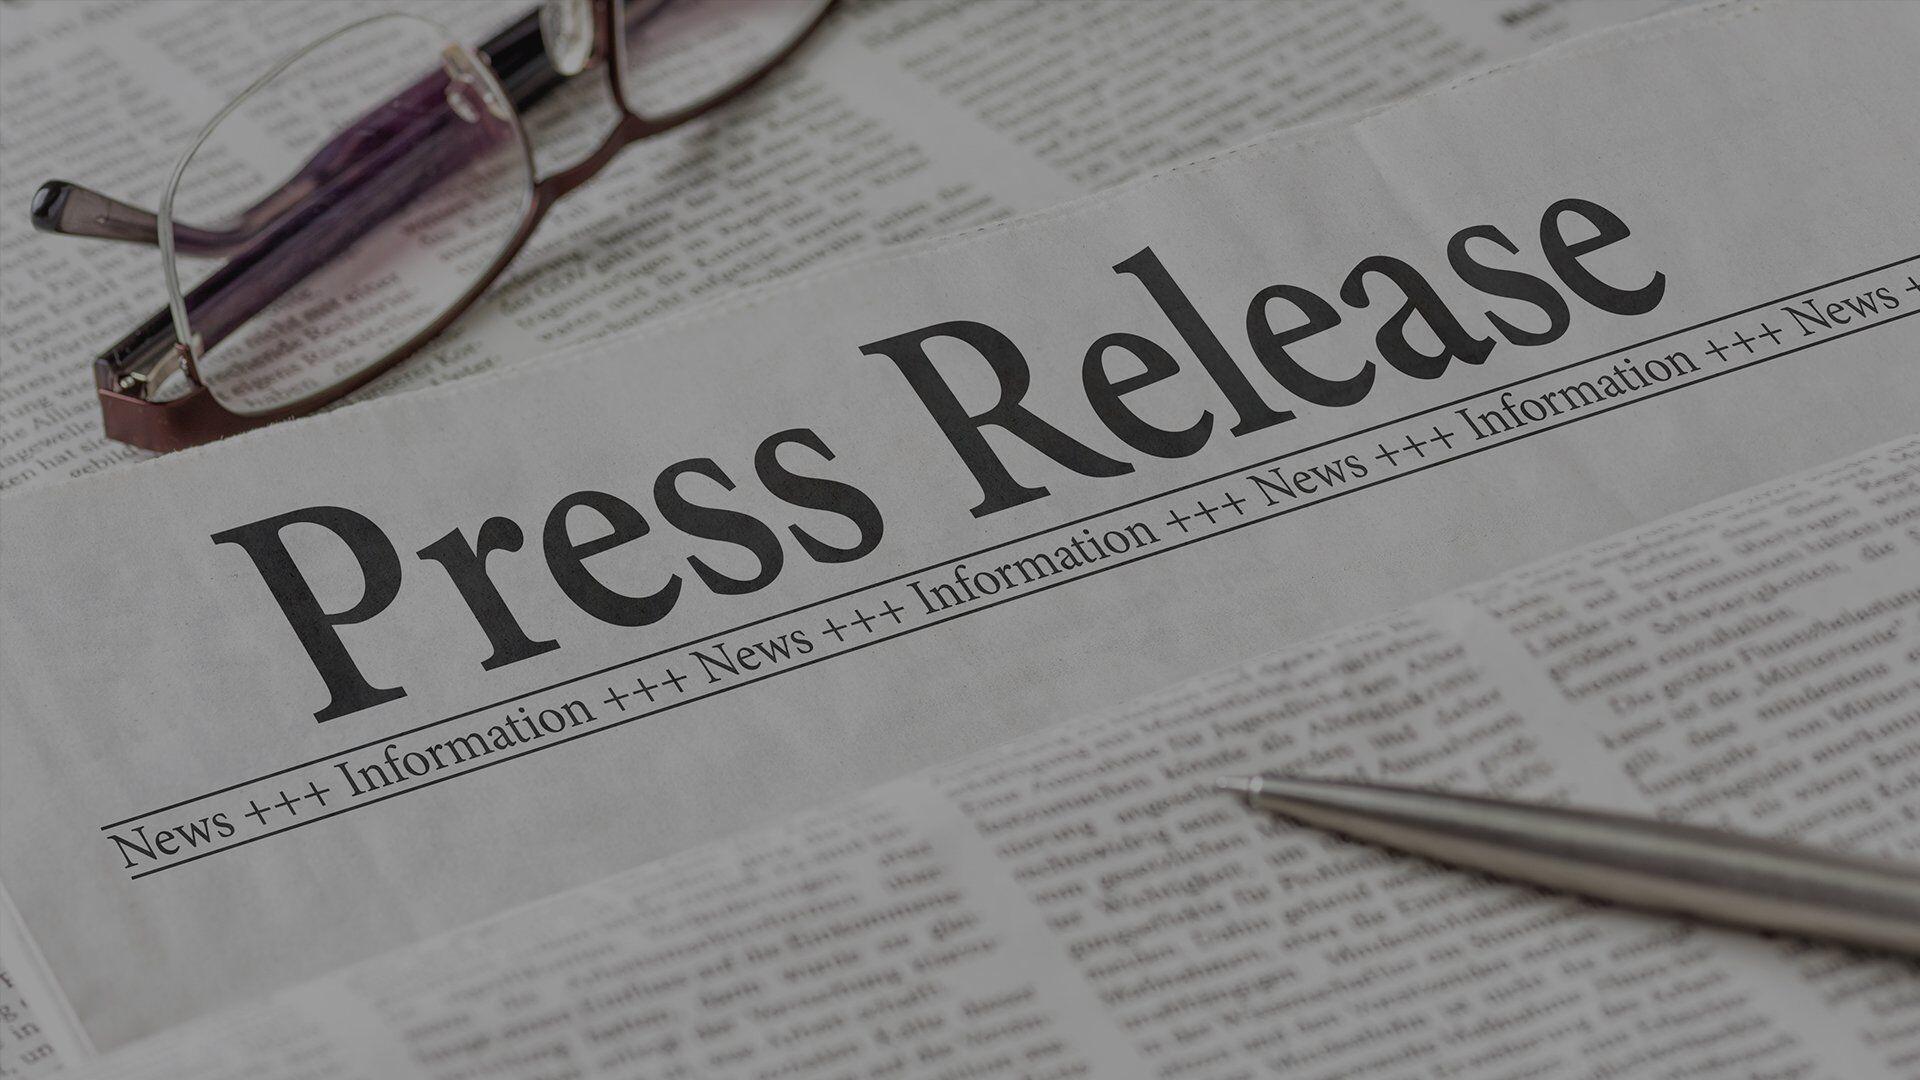 Press release – service providers